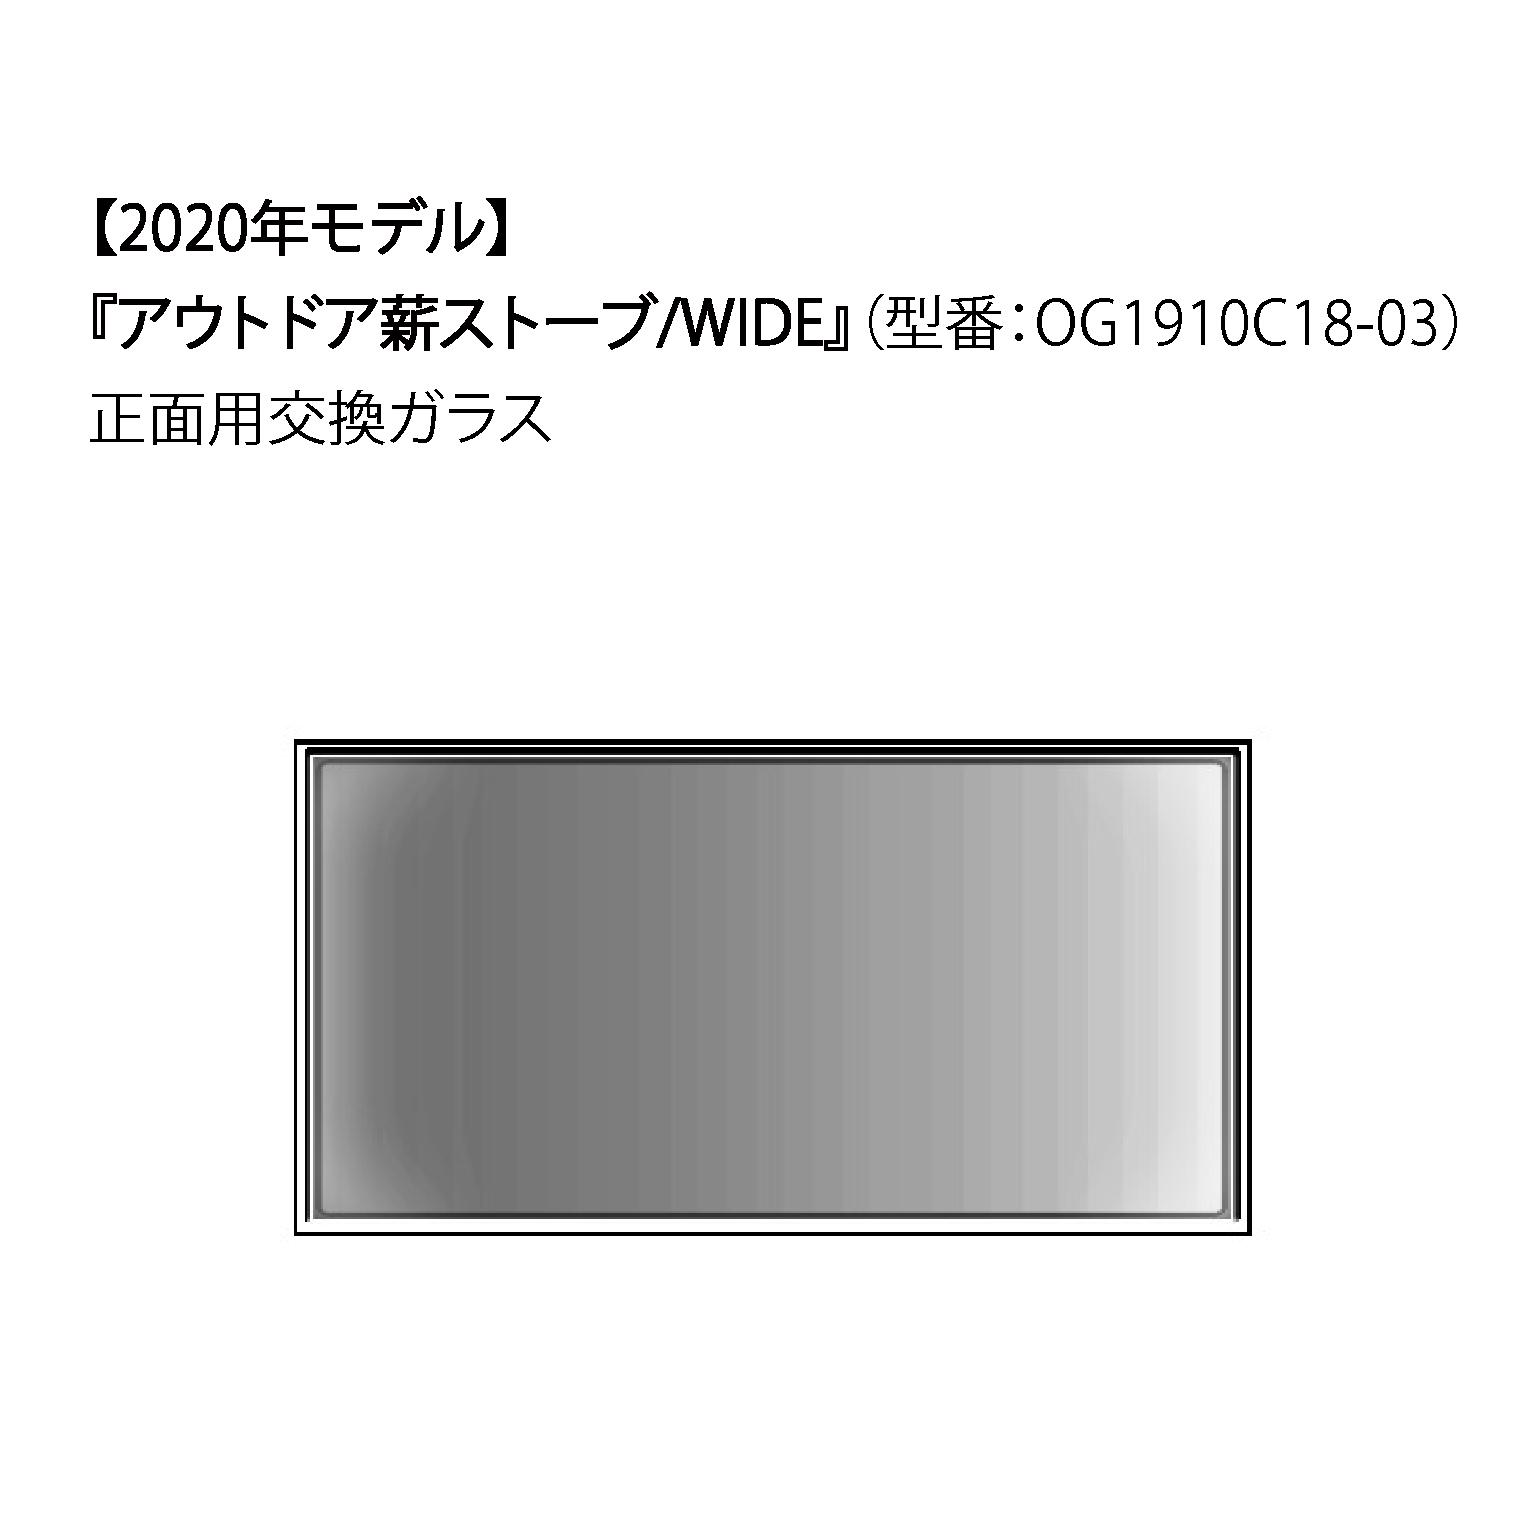 薪ストーブWIDE 正面用交換ガラス Locomo [宅送] WIDE 正面 ストーブ 交換ガラス 新品未使用正規品